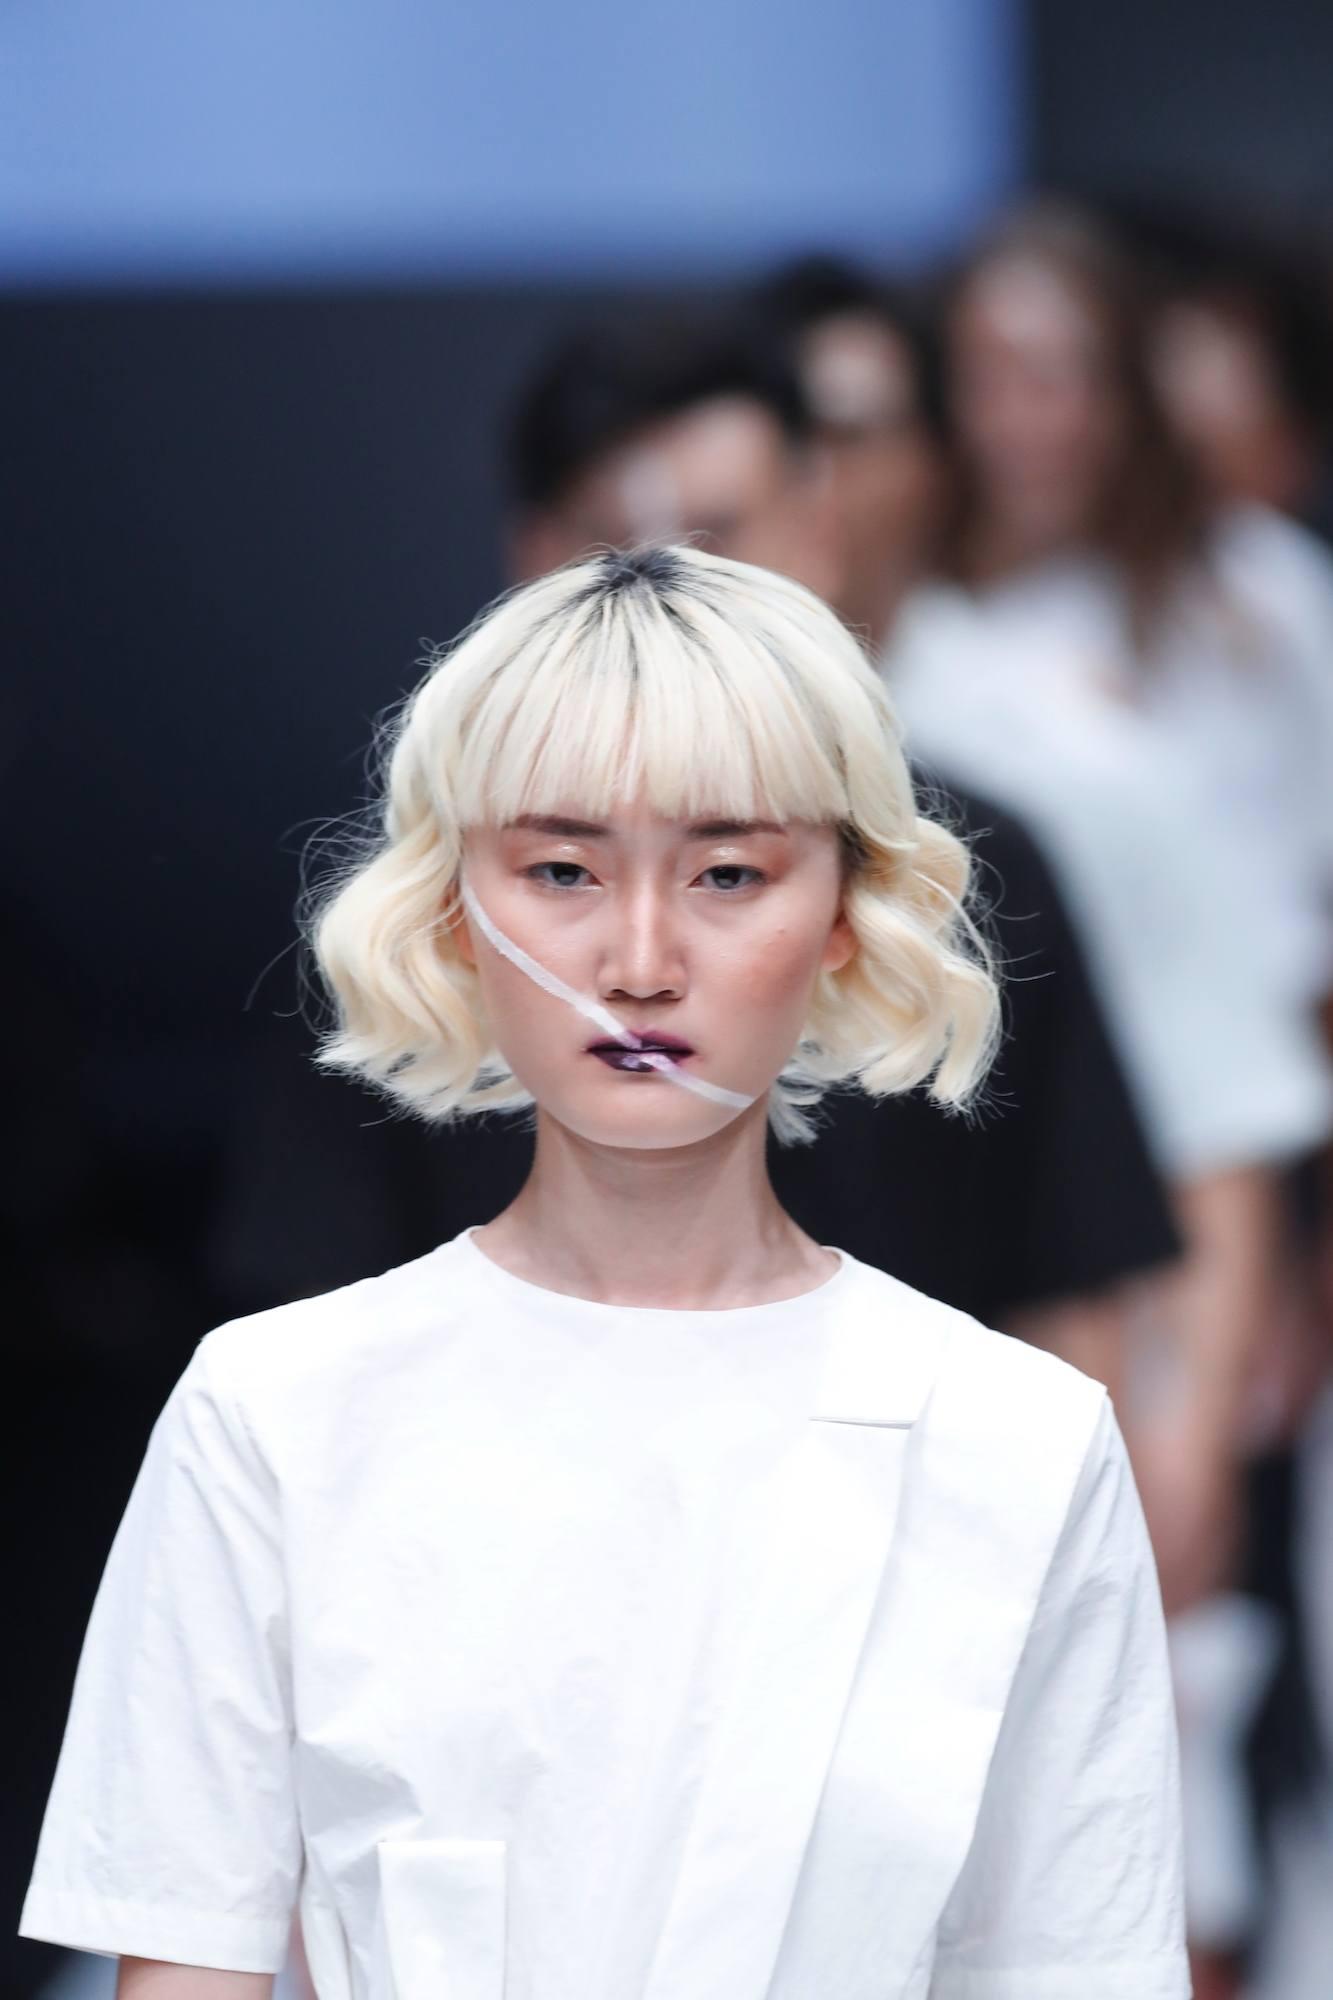 Wanita Asai dengan rambut bob pendek bergelombang dan blunt bangs warna pirang.